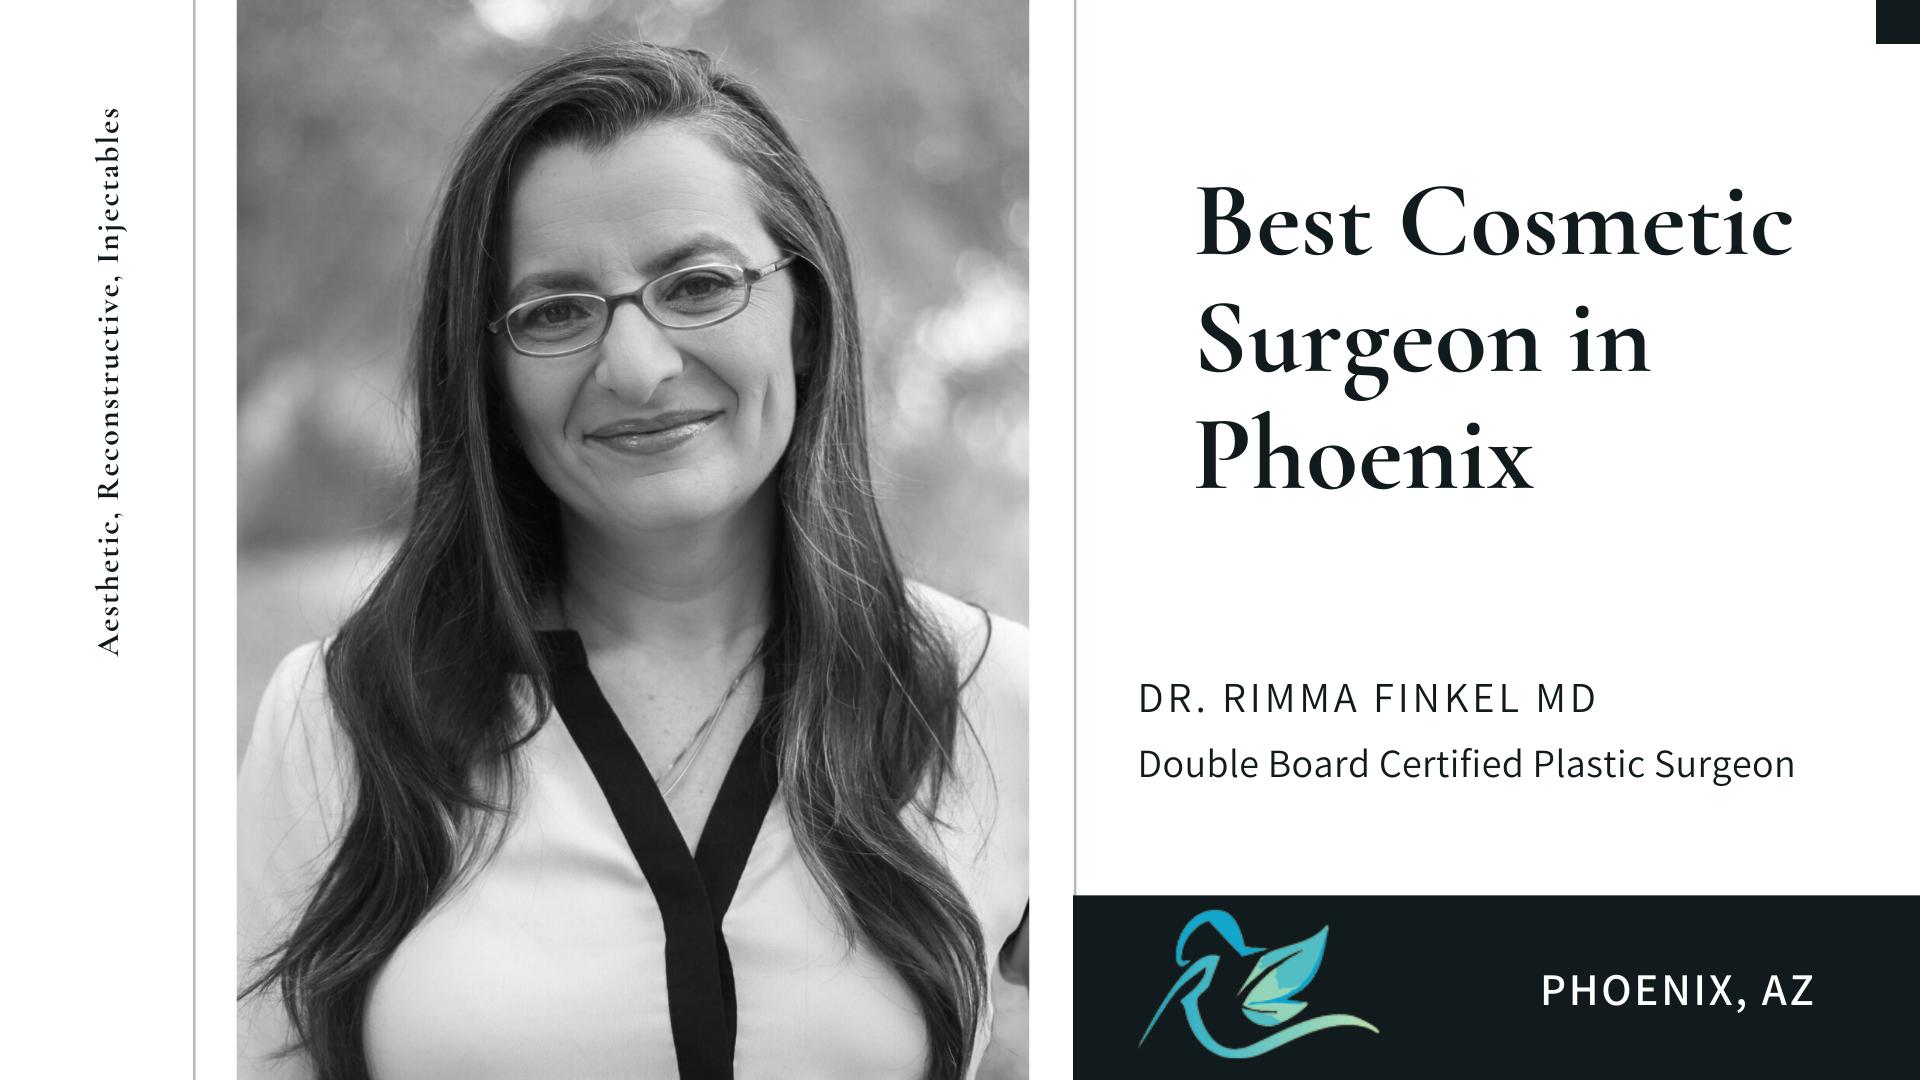 Best Cosmetic Surgeon In Phoenix Dr Finkel Md